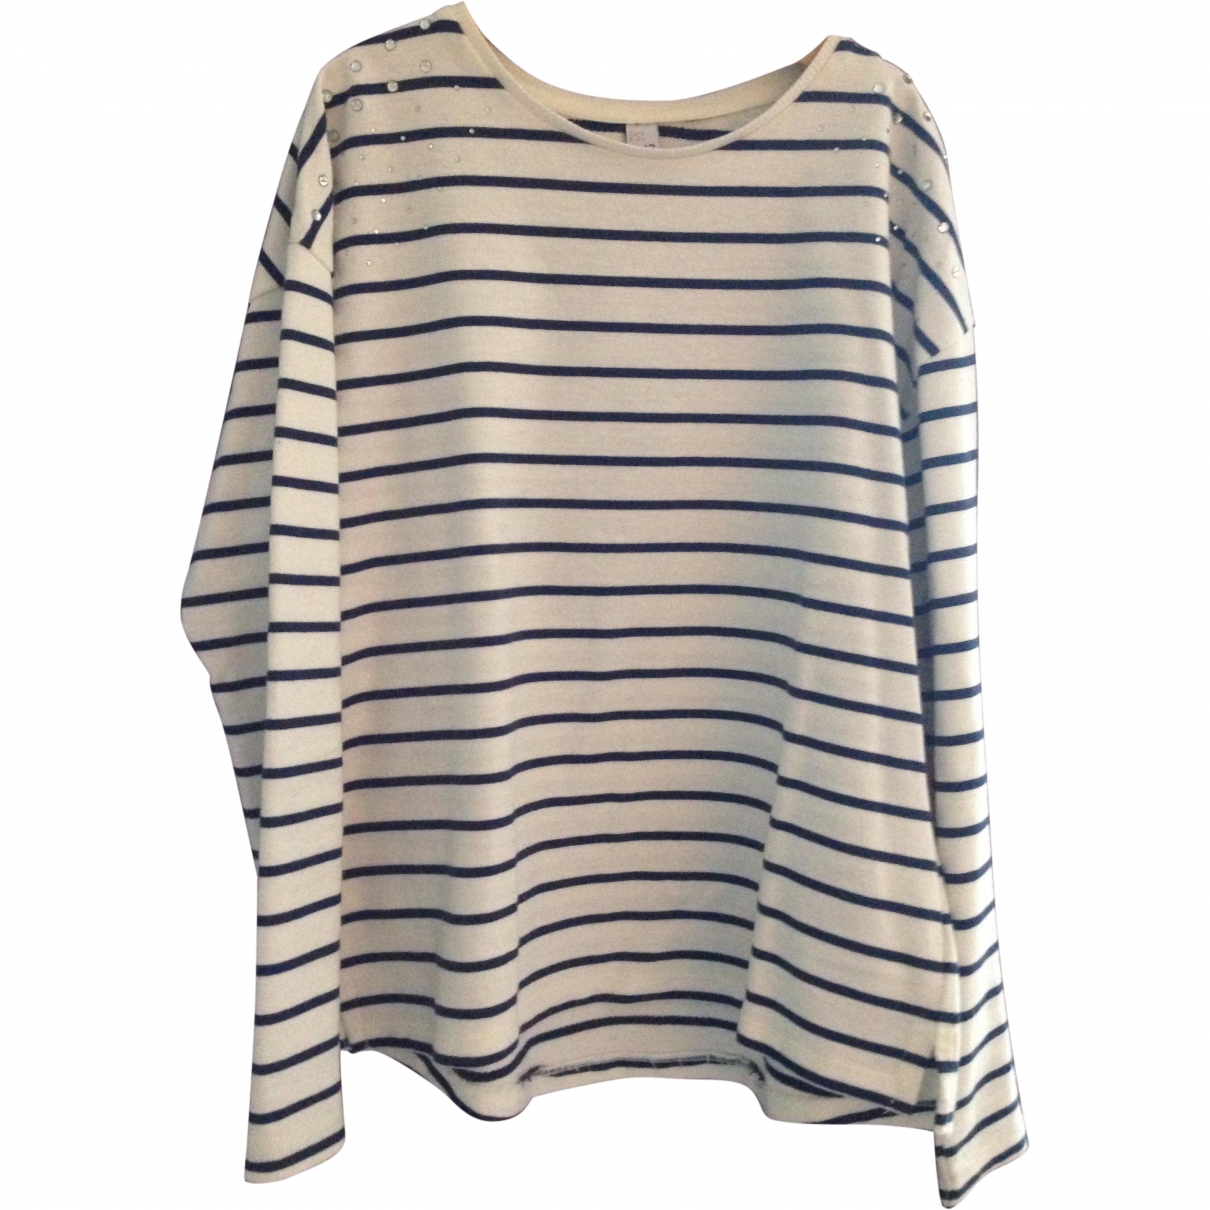 Zara \N Beige Cotton Knitwear for Kids 12 years - XS FR